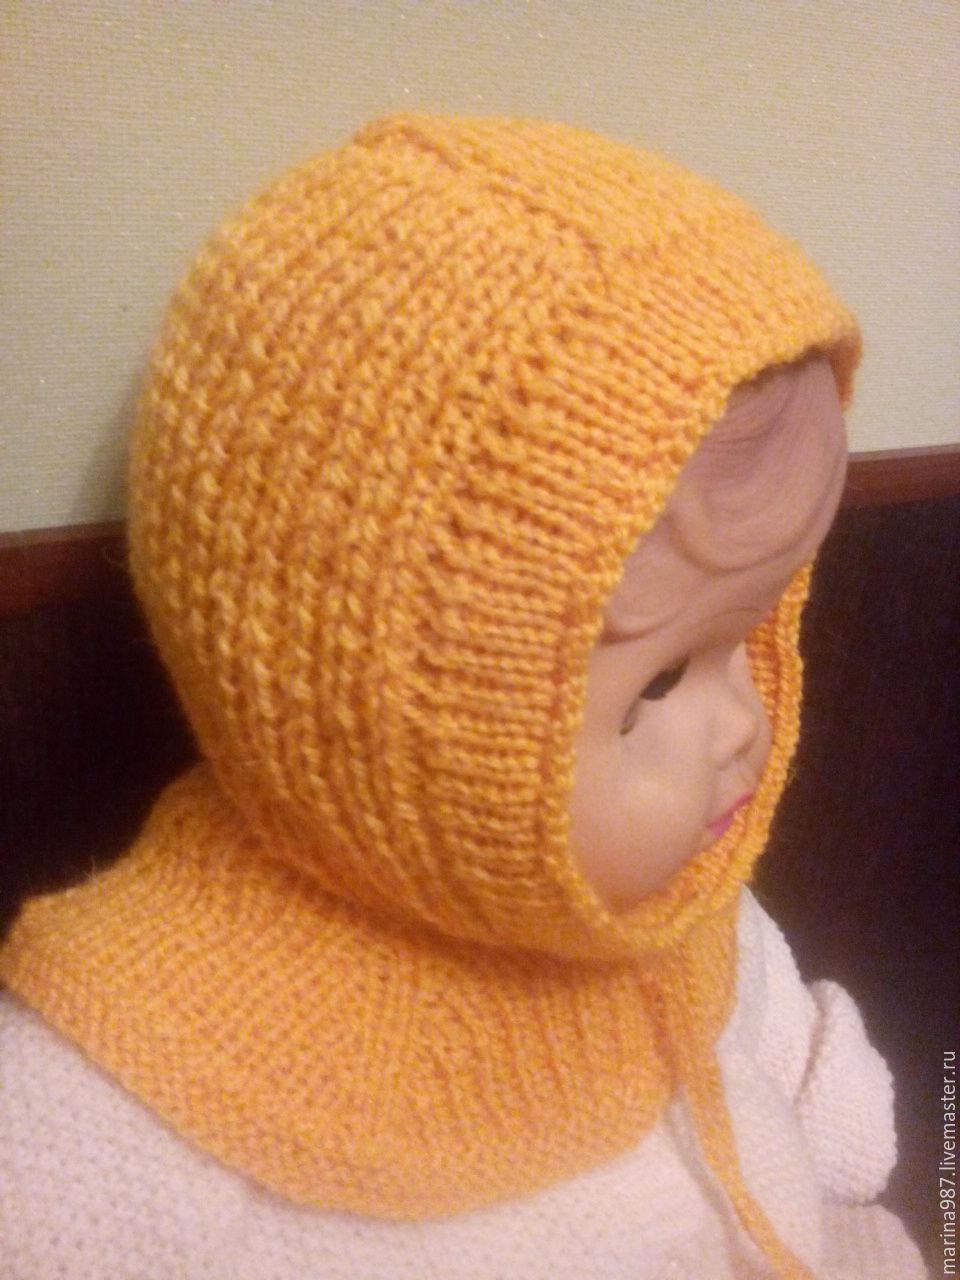 Шлем шапка детская мастер класс инструкция #4